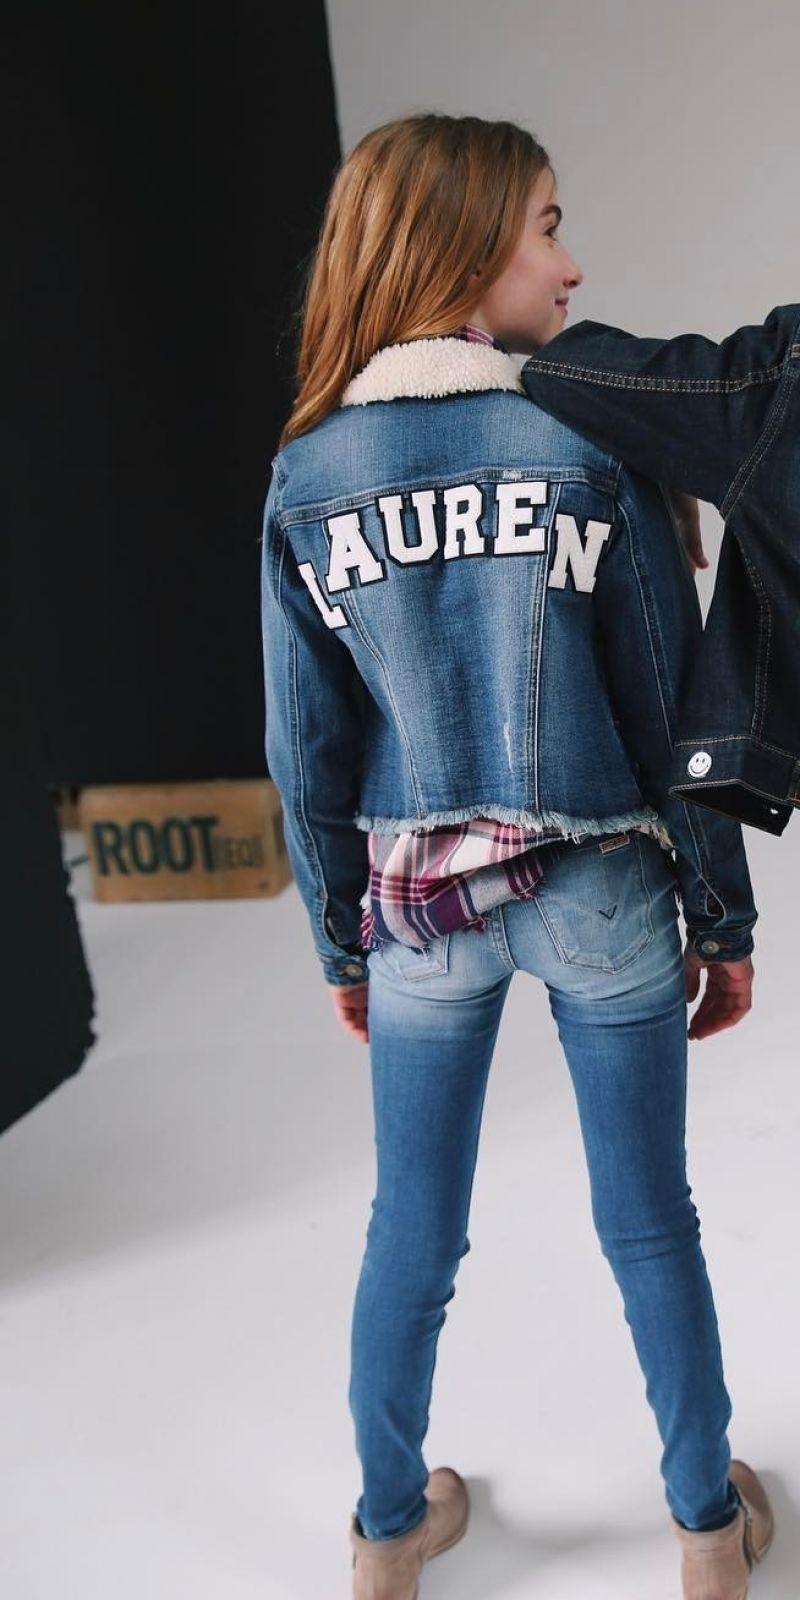 Lauren Orlando Social Media February 2017